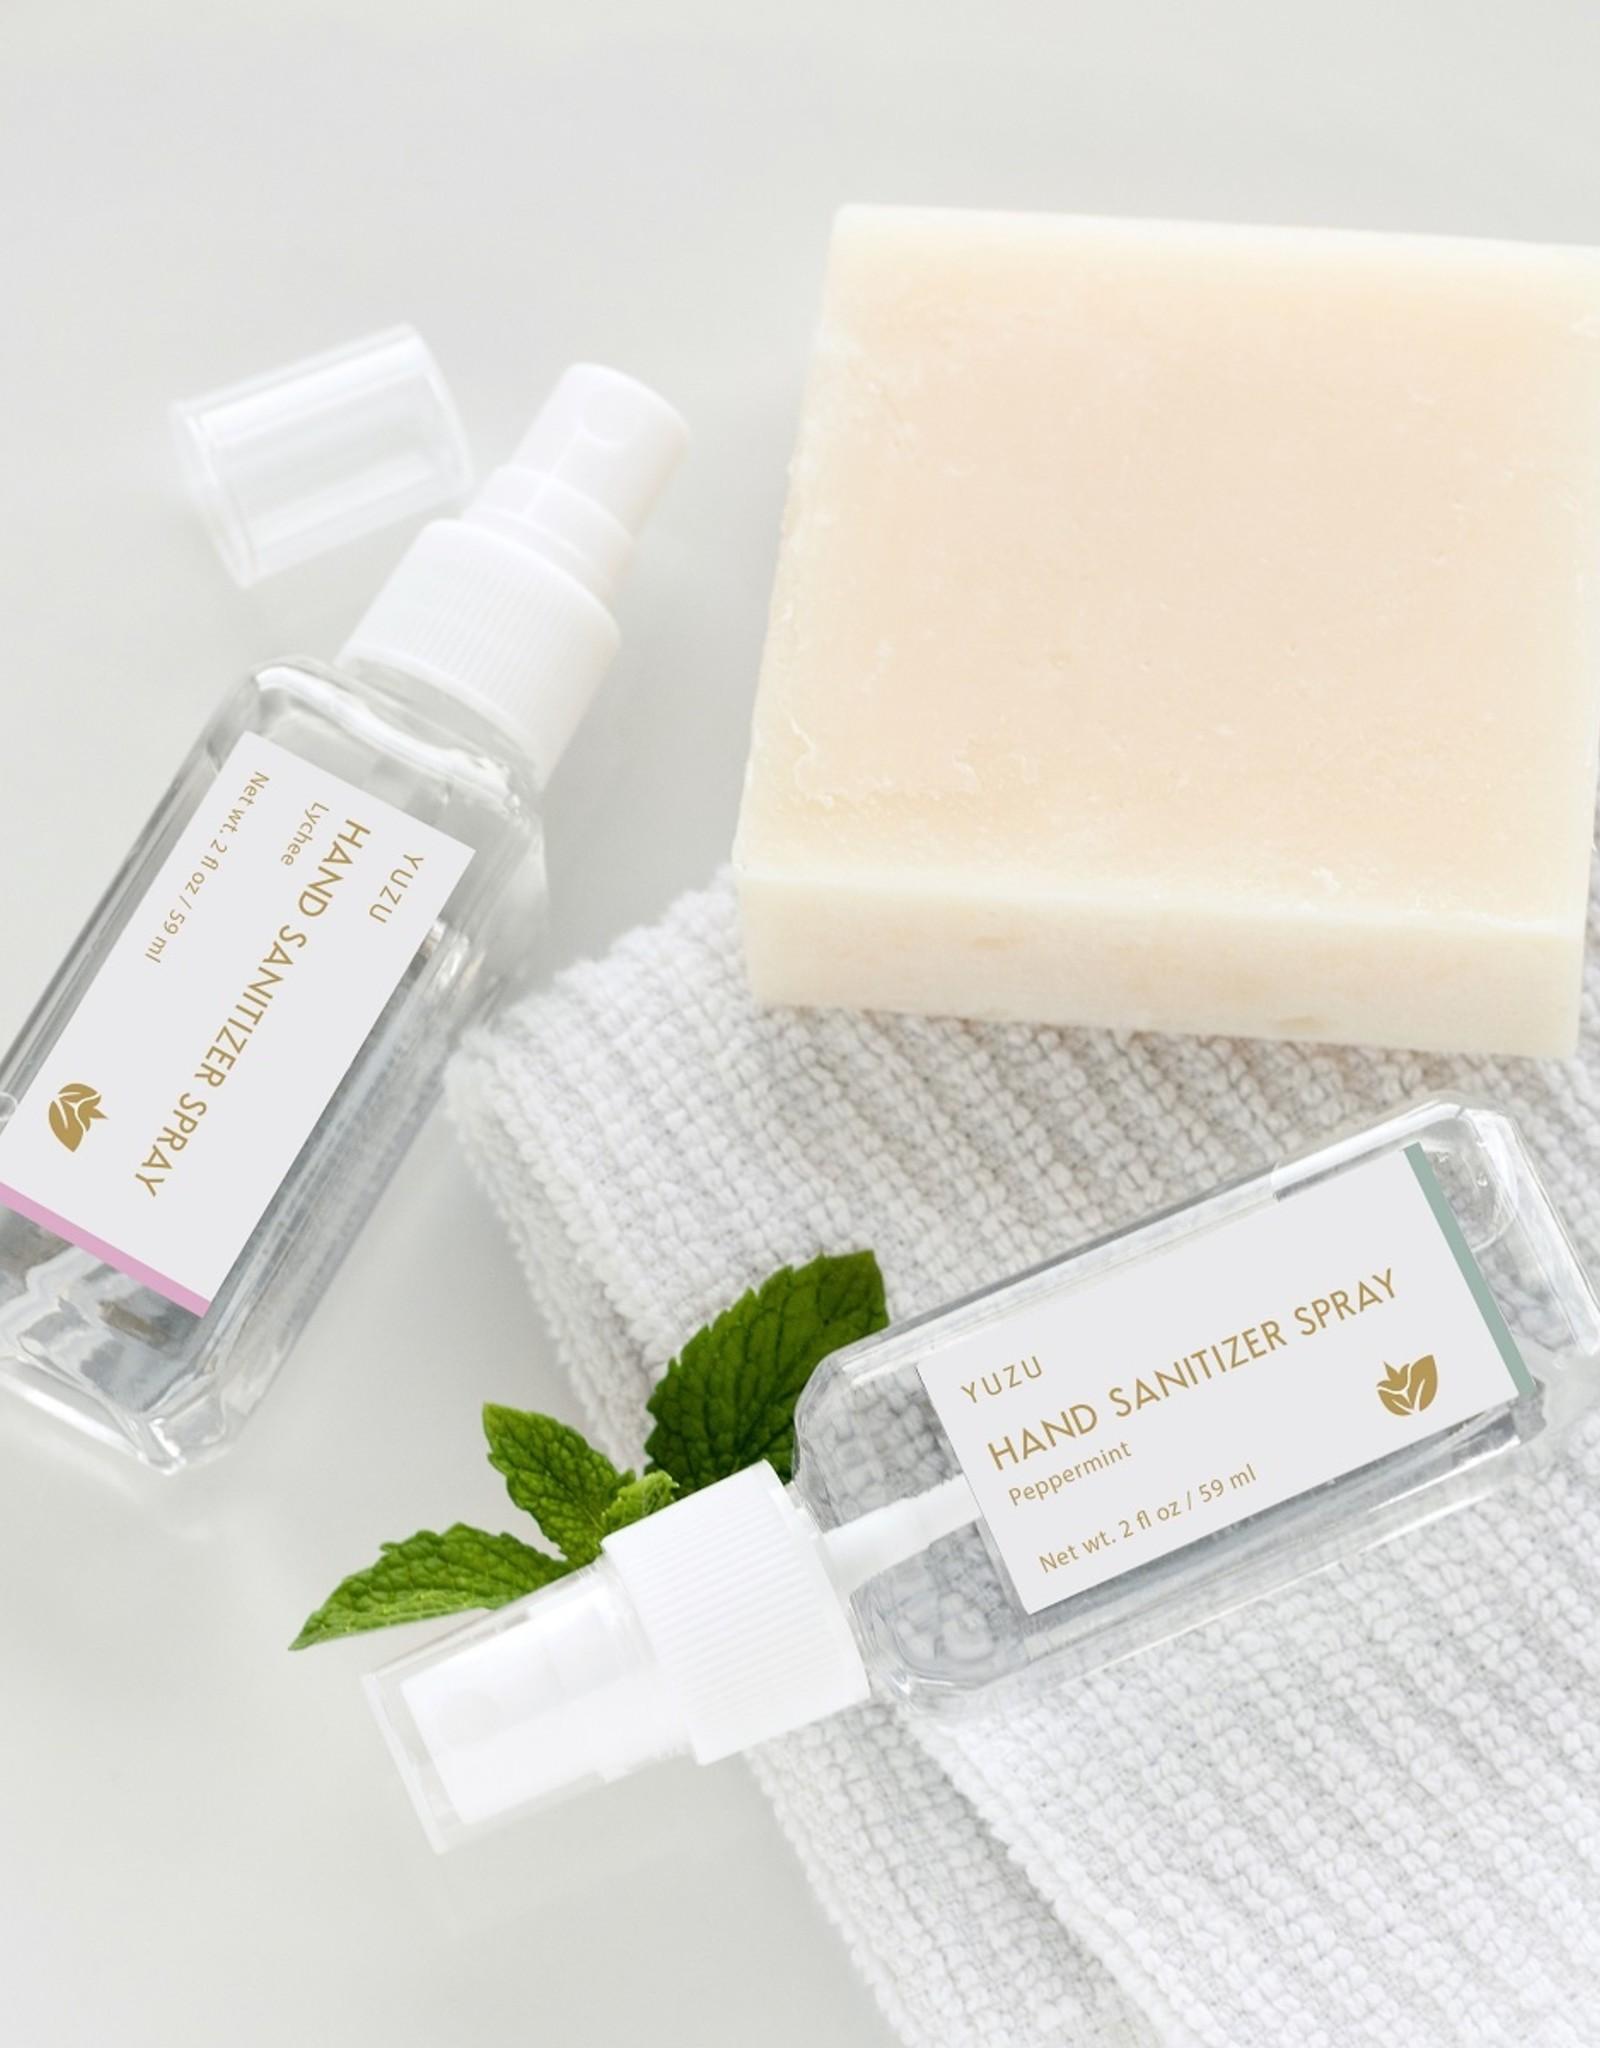 Yuzu Soap Lychee Hand Sanitizer Spray (2oz)